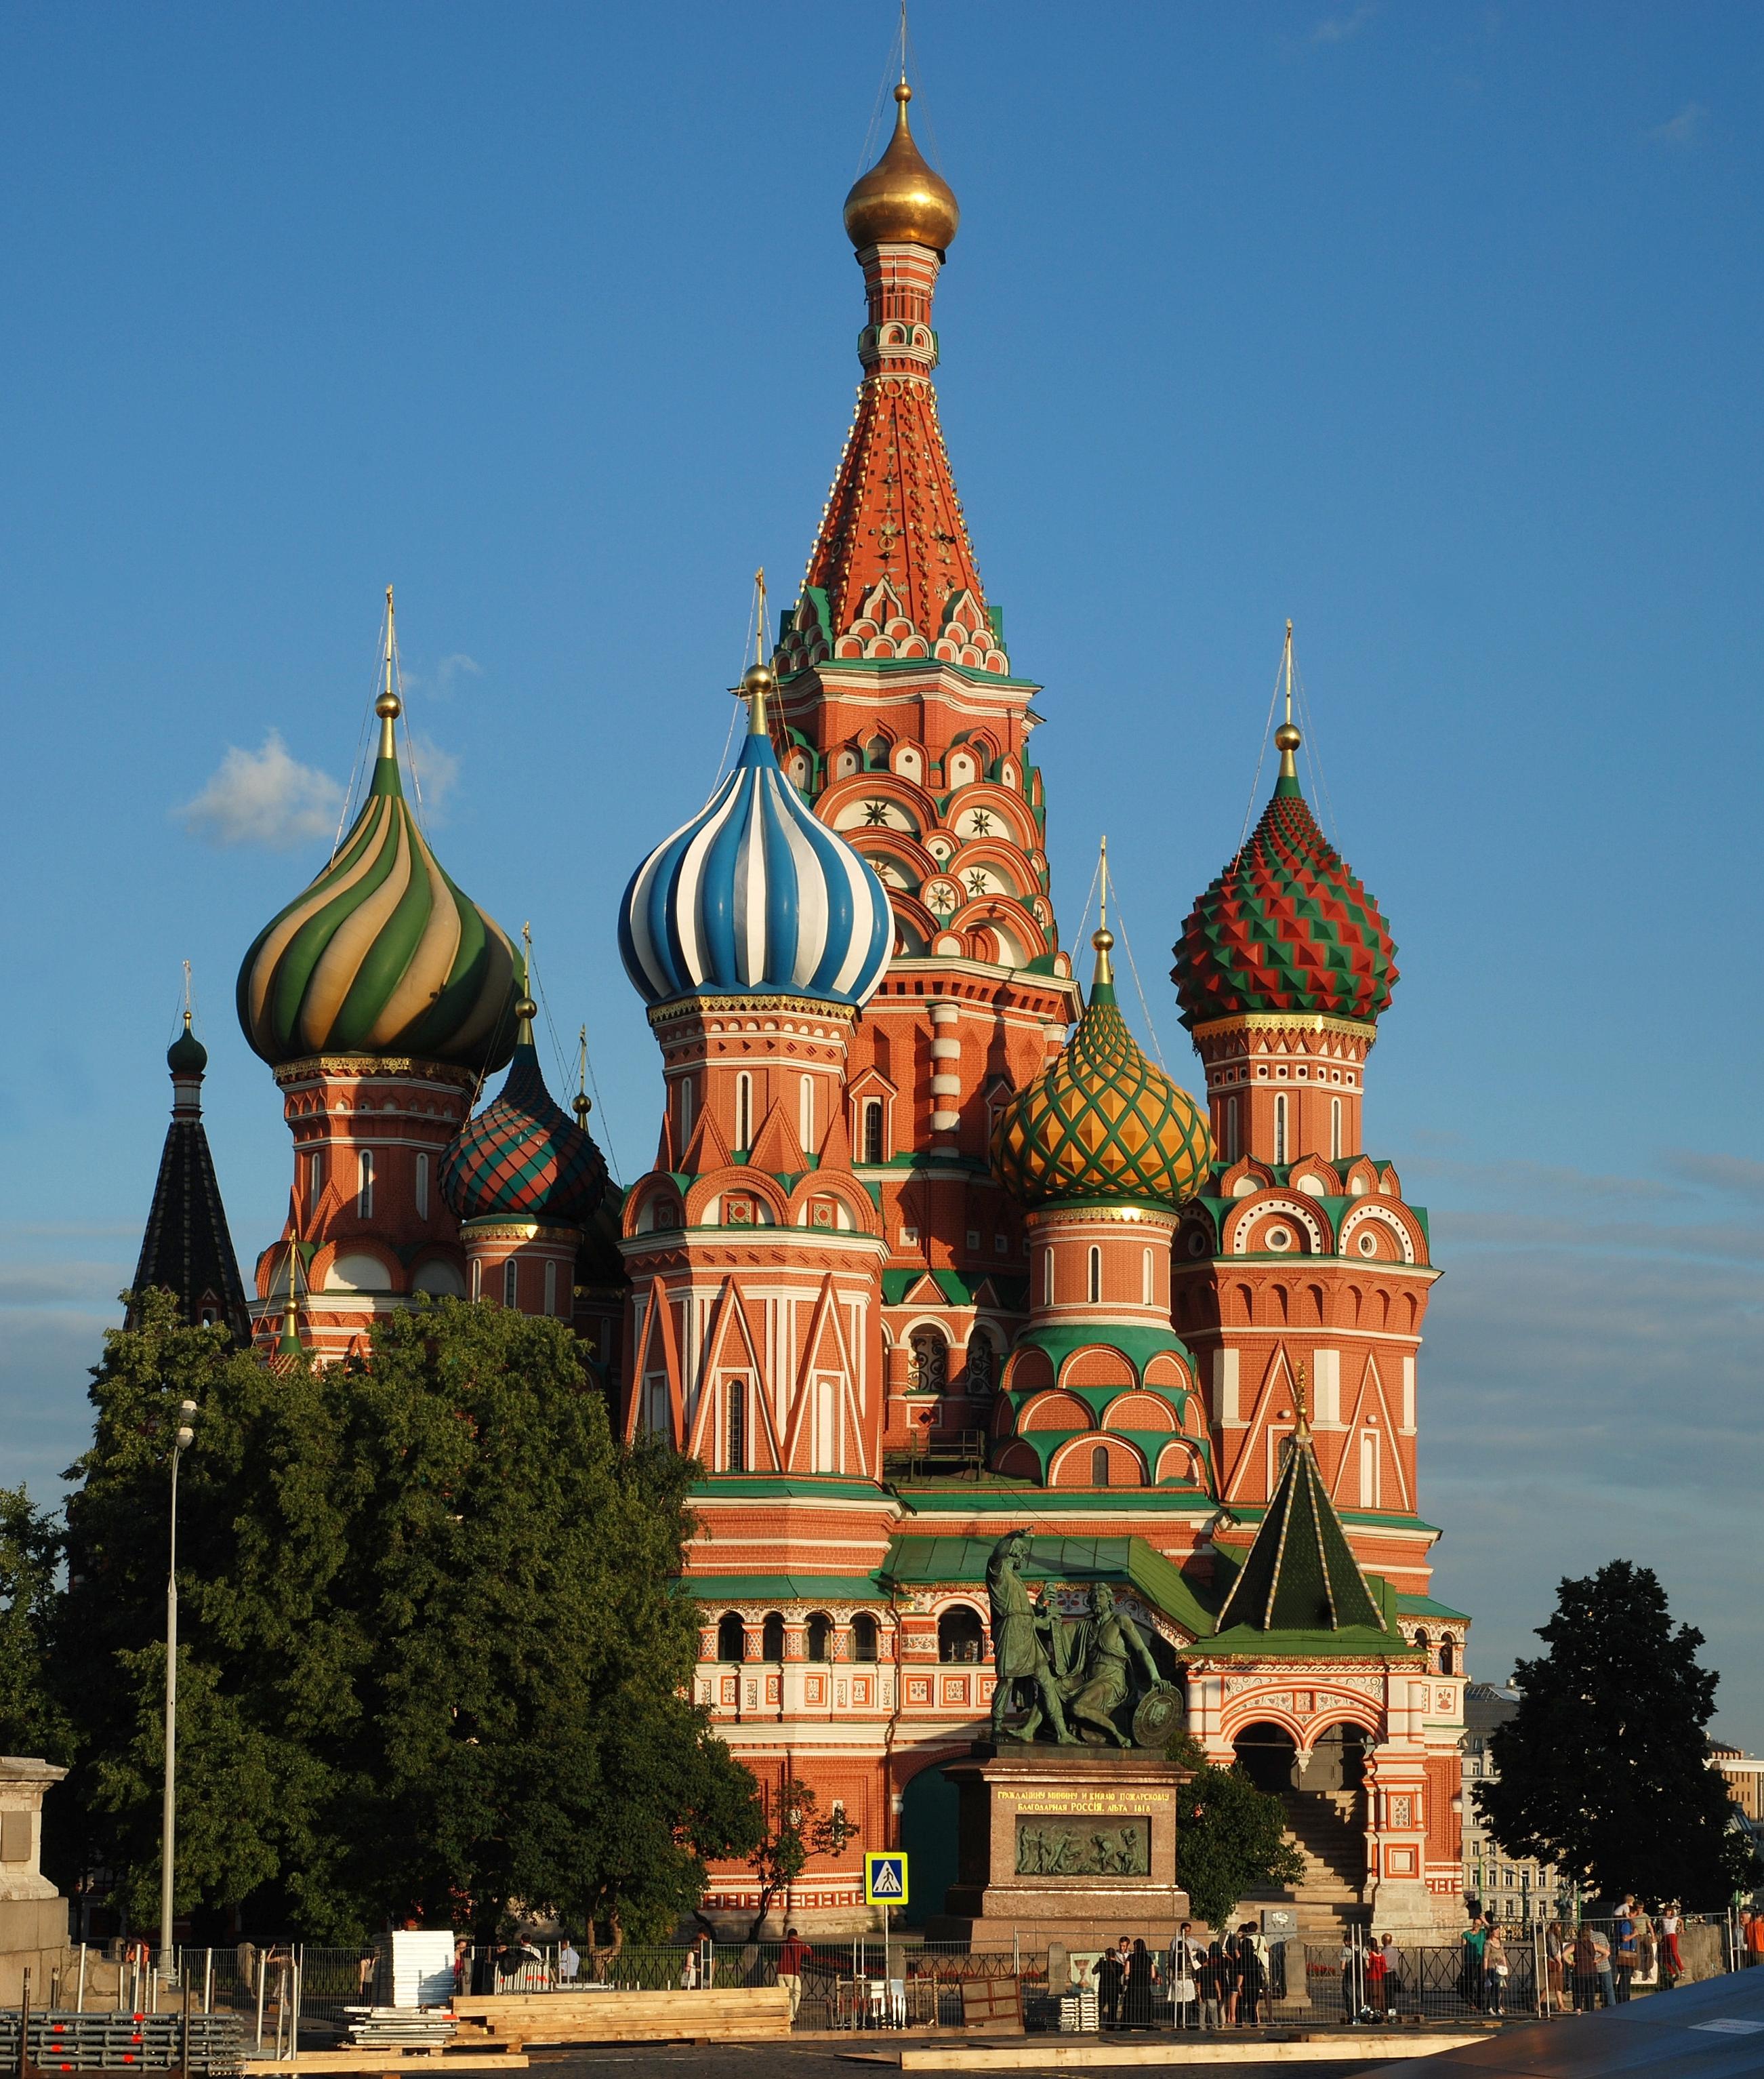 всего картинки архитектуры в москве преддверии замечательного